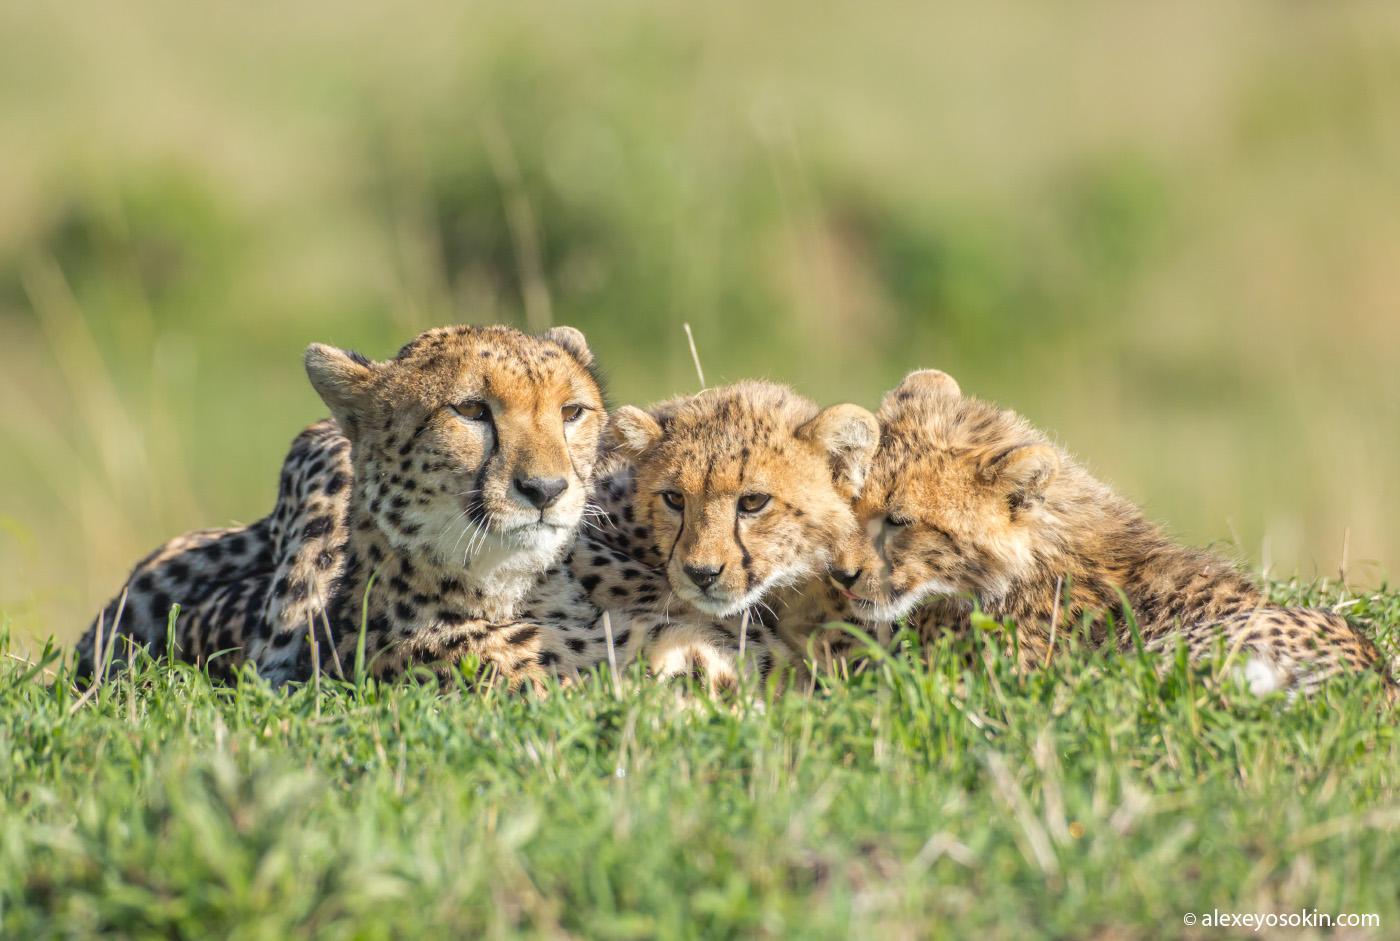 cheetahs-10-2015-ao.jpg